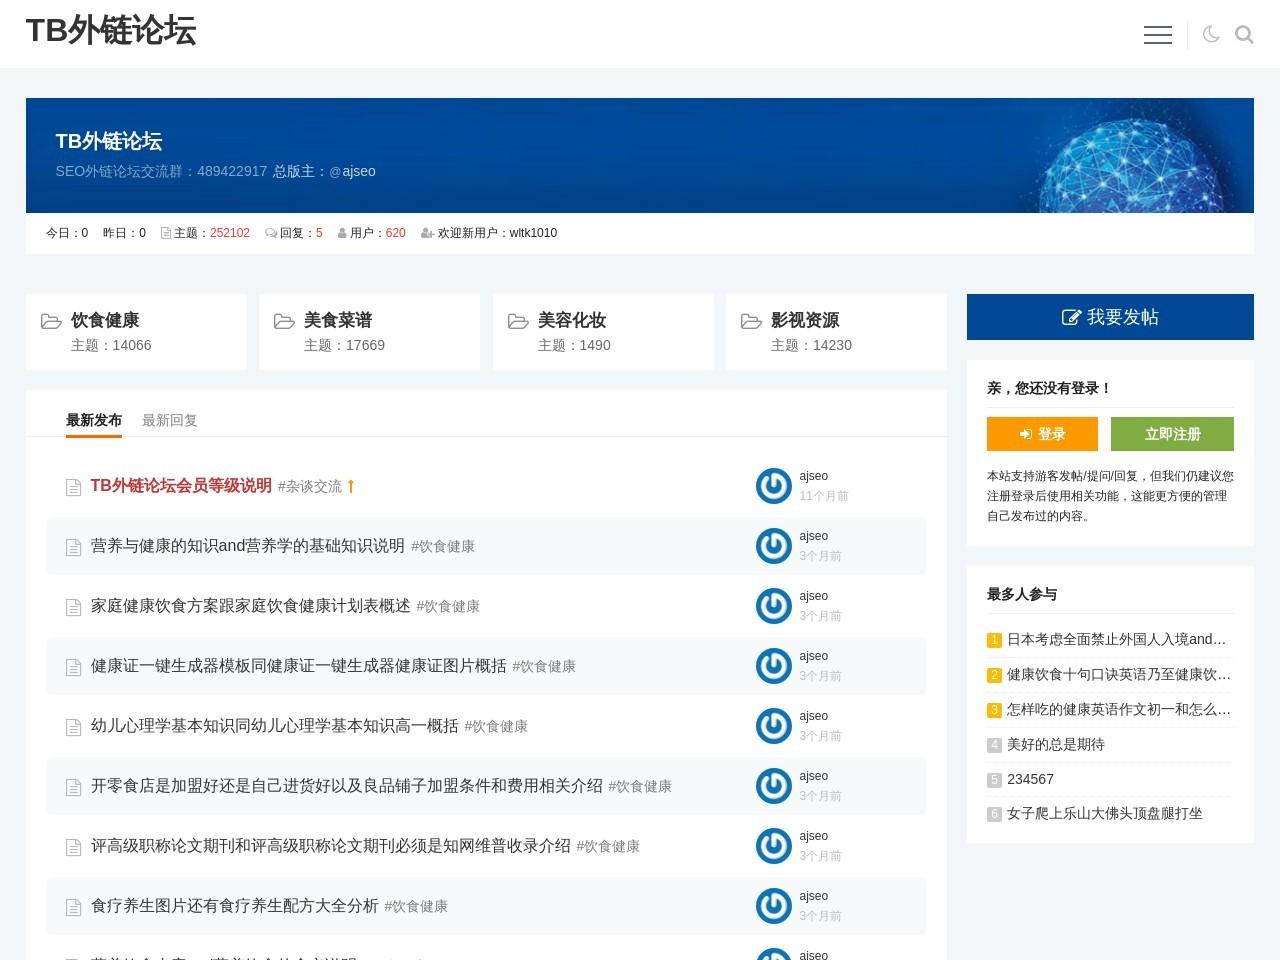 seo论坛截图